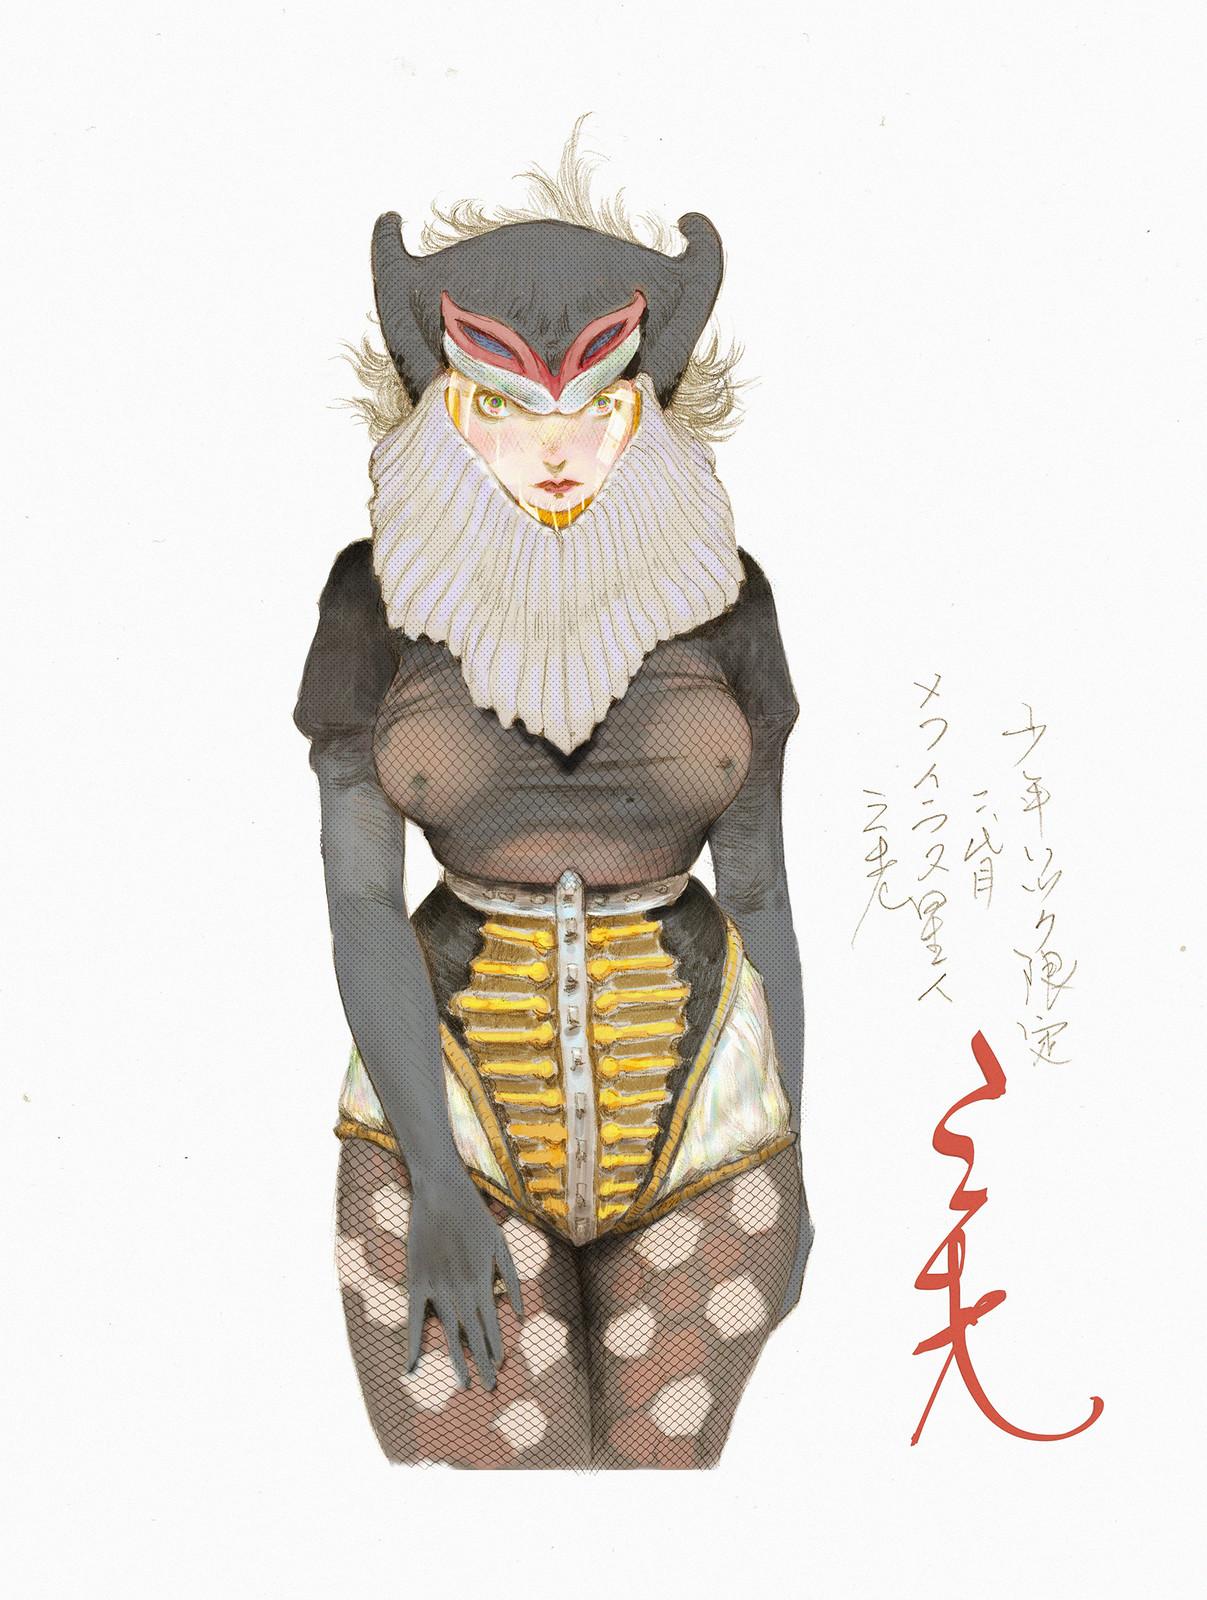 Mephilas-seijin-SHE